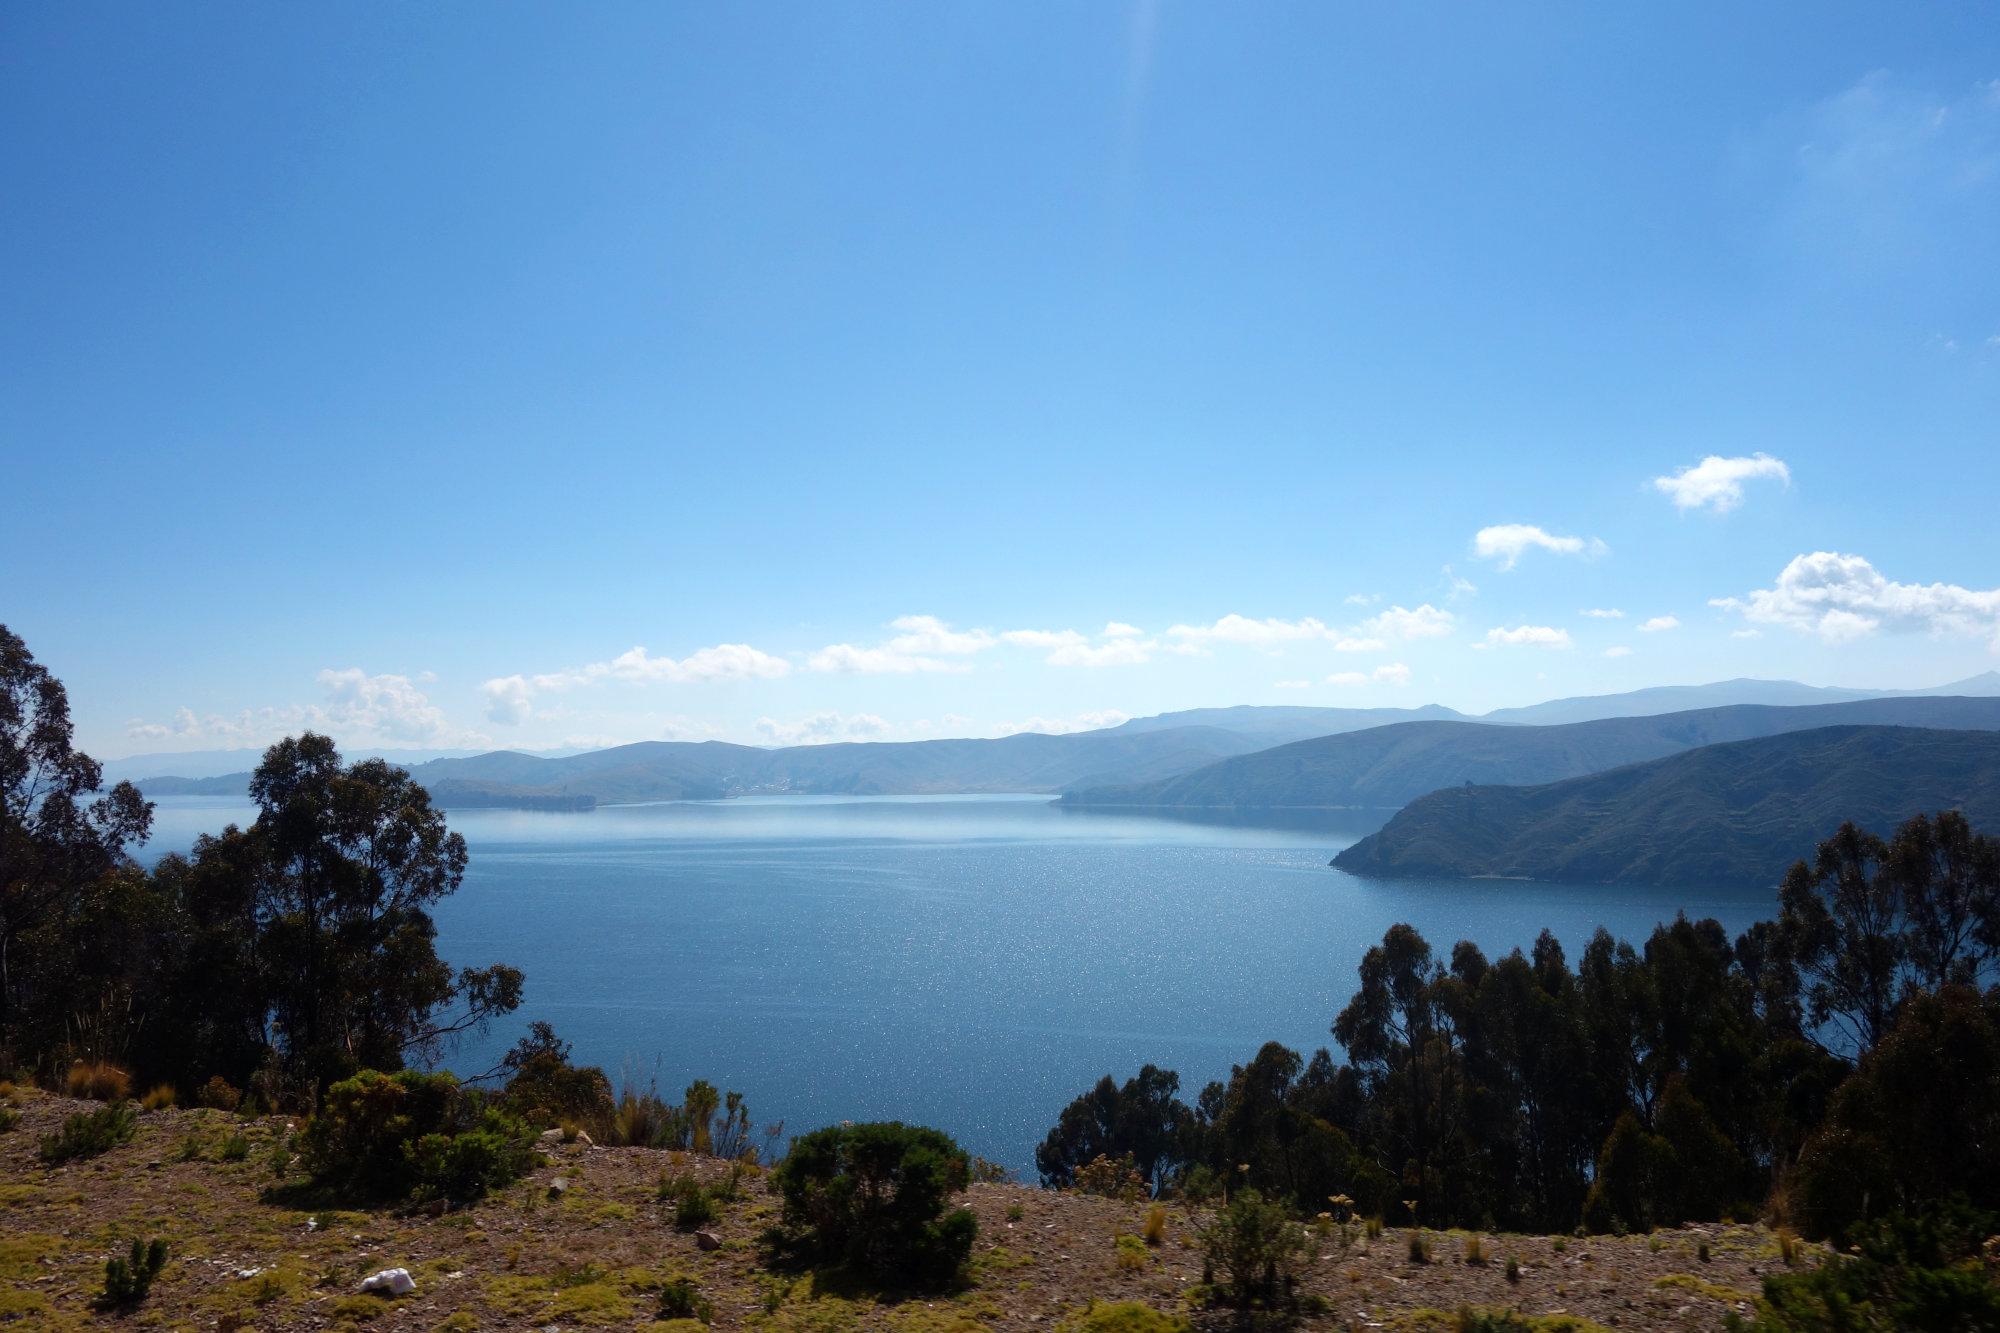 Titicacasee Blick mit Bergen